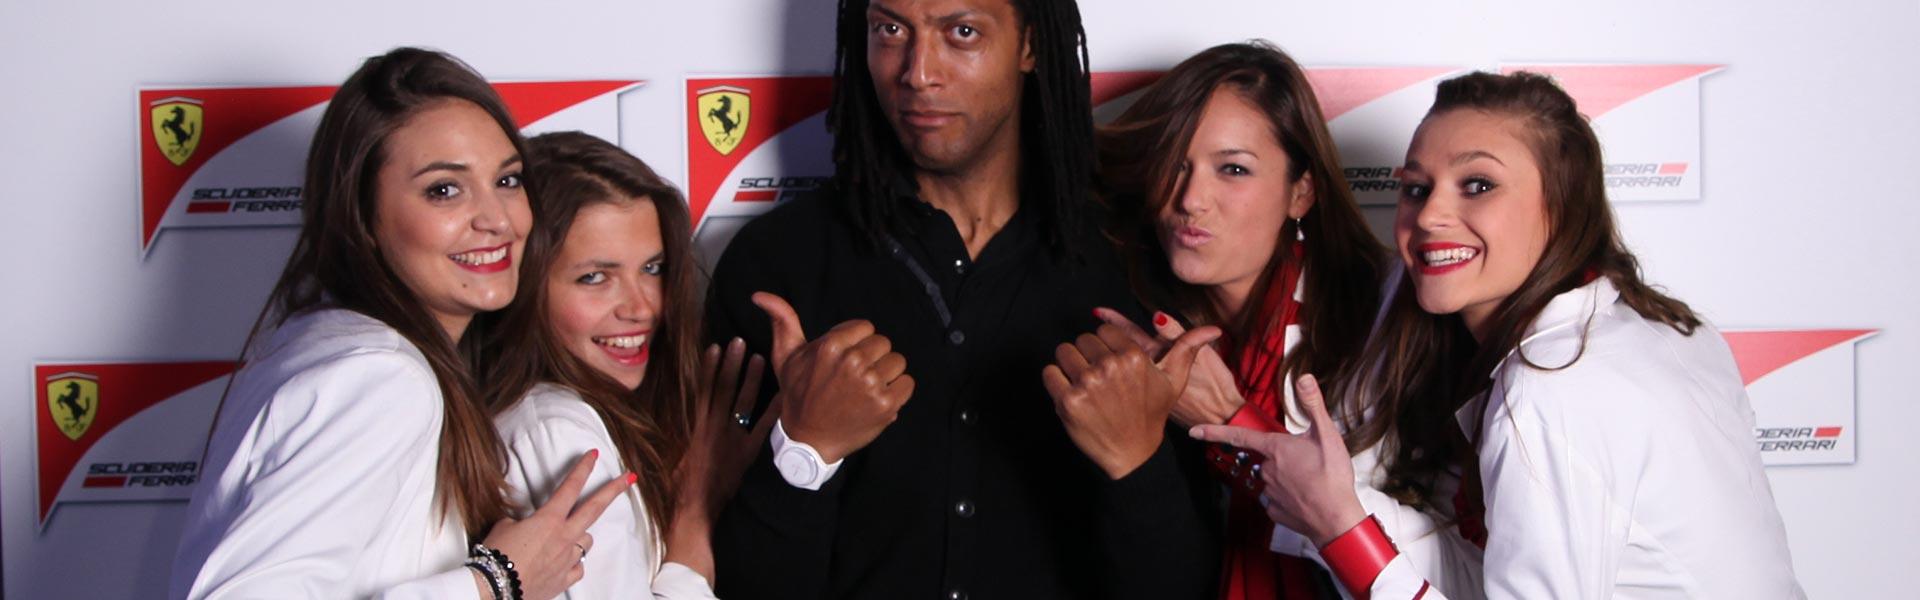 Un homme et les quatre femmes positionnées à côtés de lui se font photographier par un photobooth devant un fond à l'effigie de la marque Ferrari